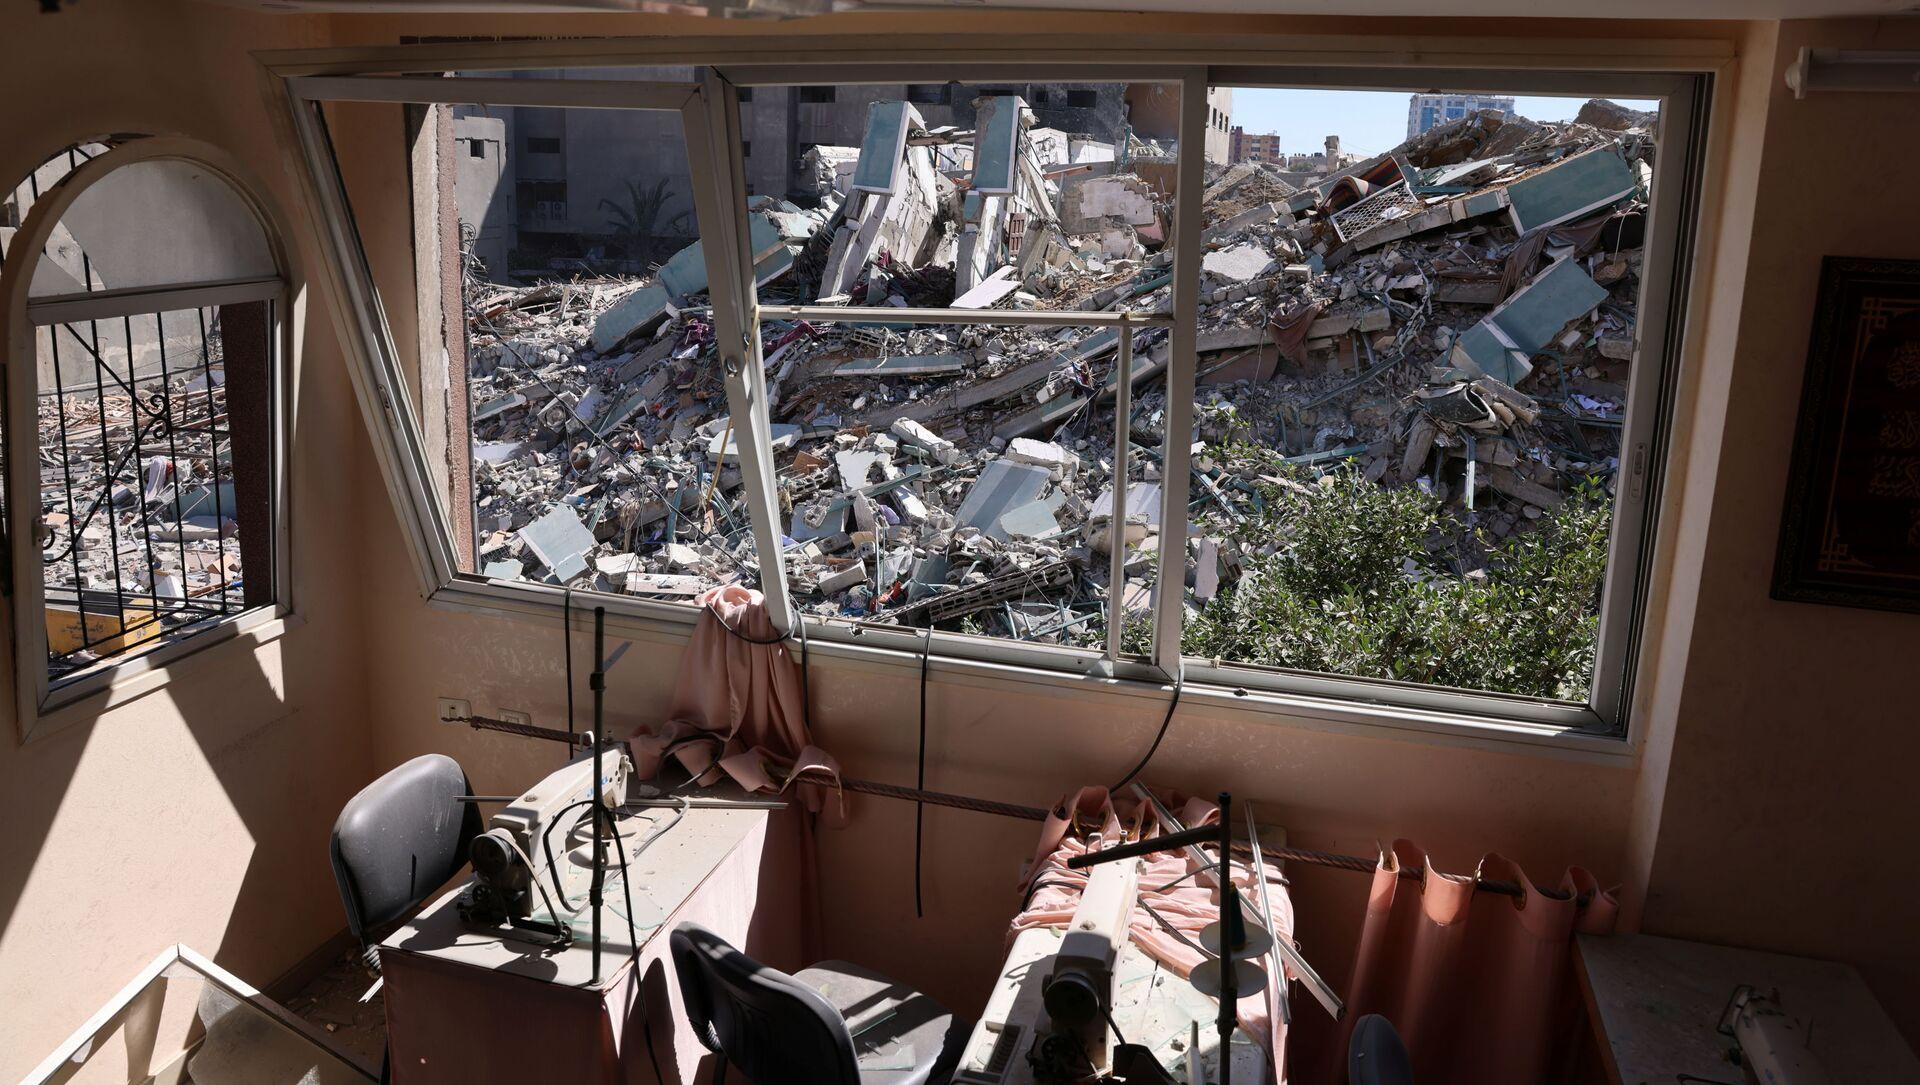 Le conseguenze dei raid israeliani a Gaza  - Sputnik Italia, 1920, 16.05.2021